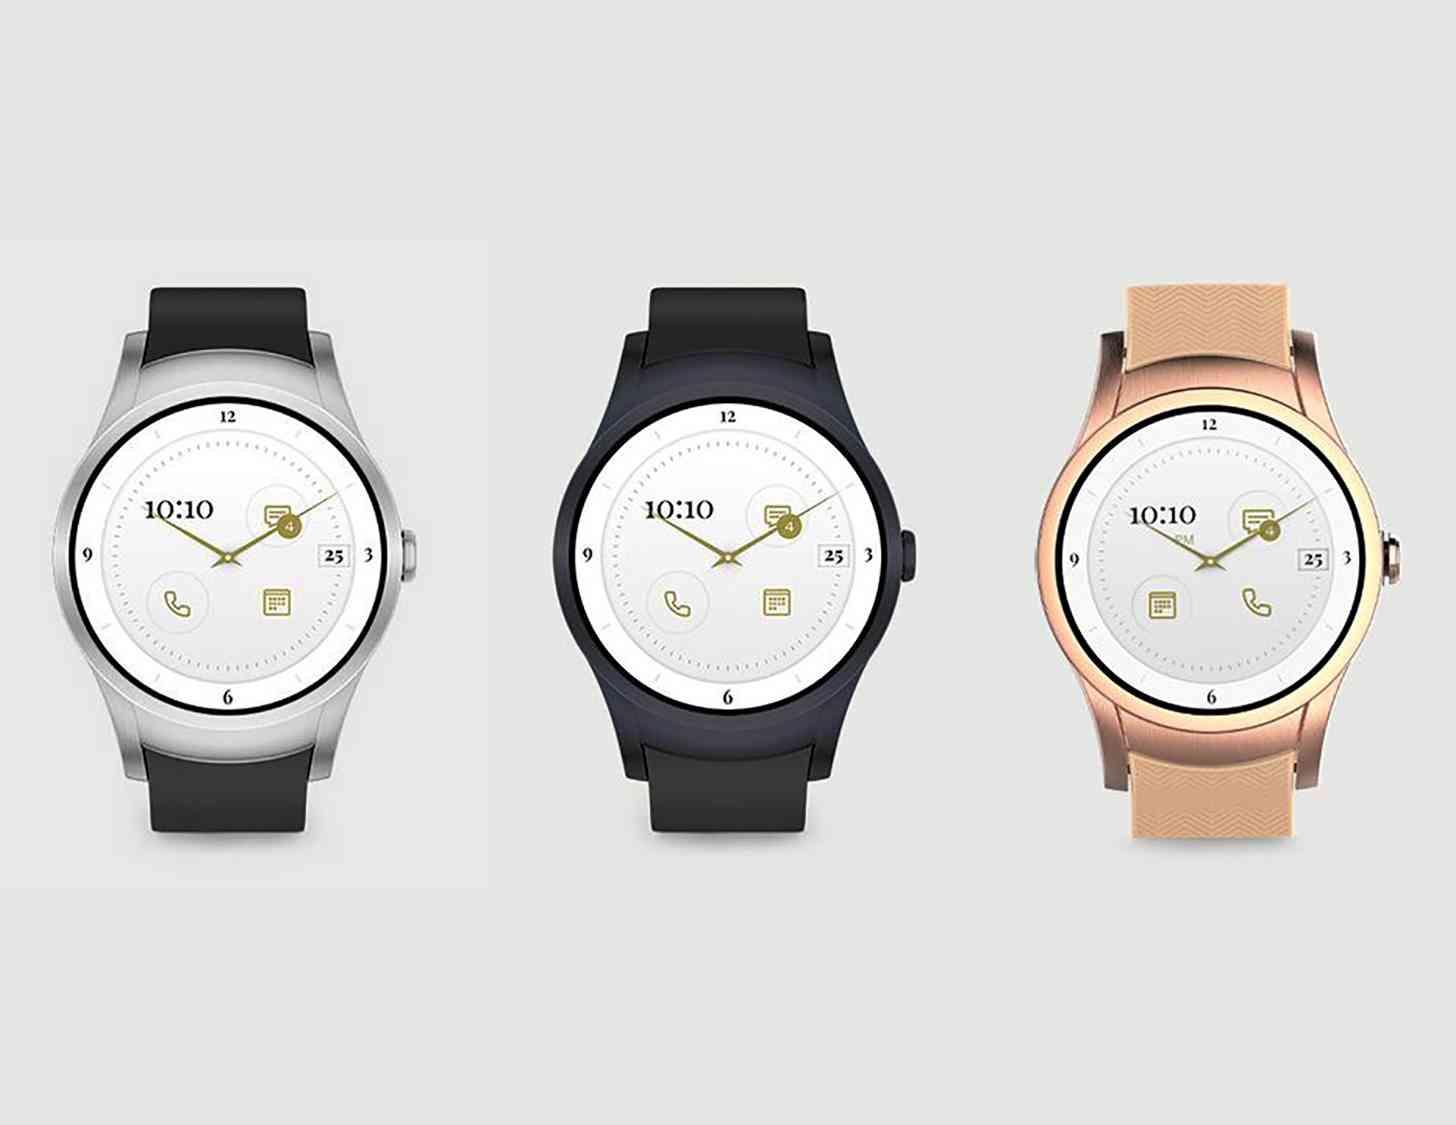 Verizon Wear24 Android Wear 2.0 smartwatch